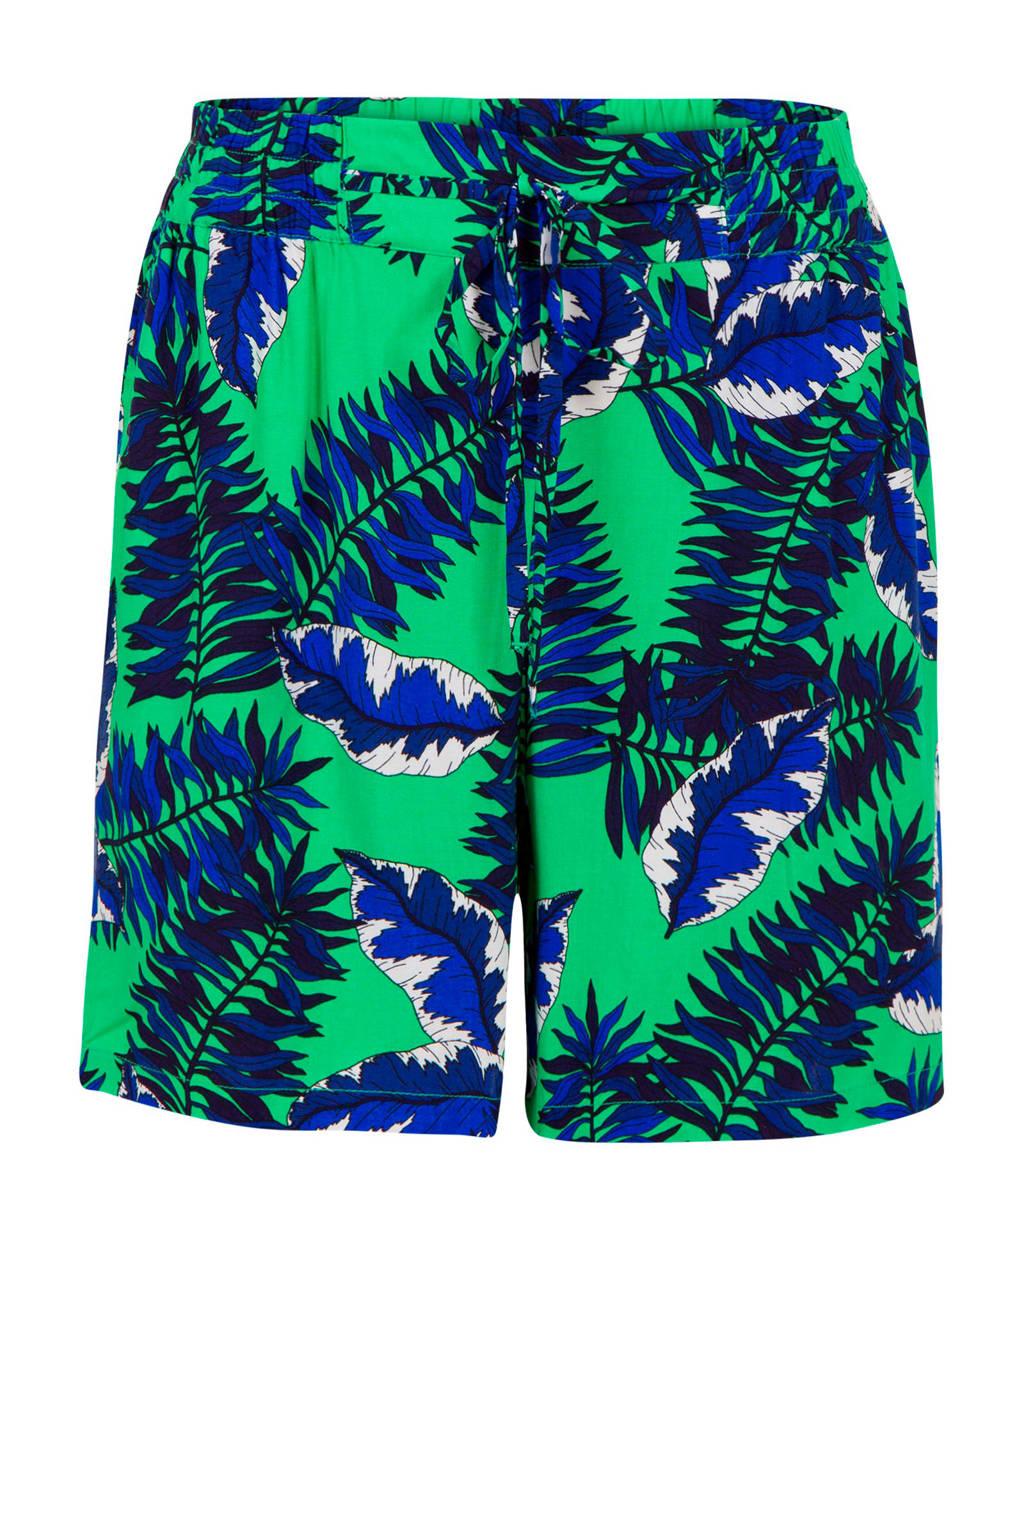 Miss Etam Regulier regular fit short met zijstreep groen/blauw, Groen/blauw